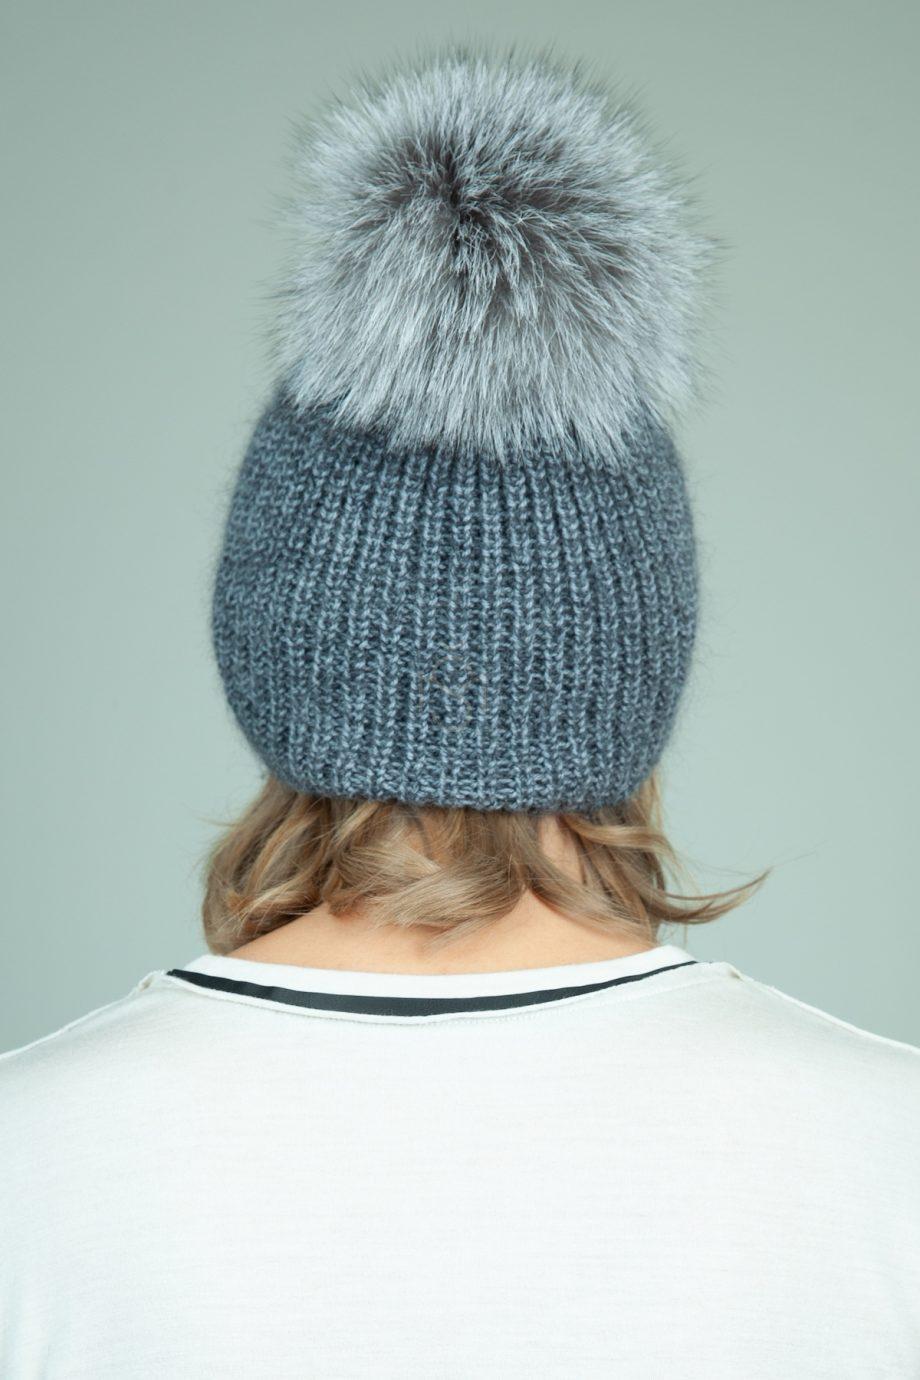 rankomis megzta pilka merino kepure su kailio bumbulu